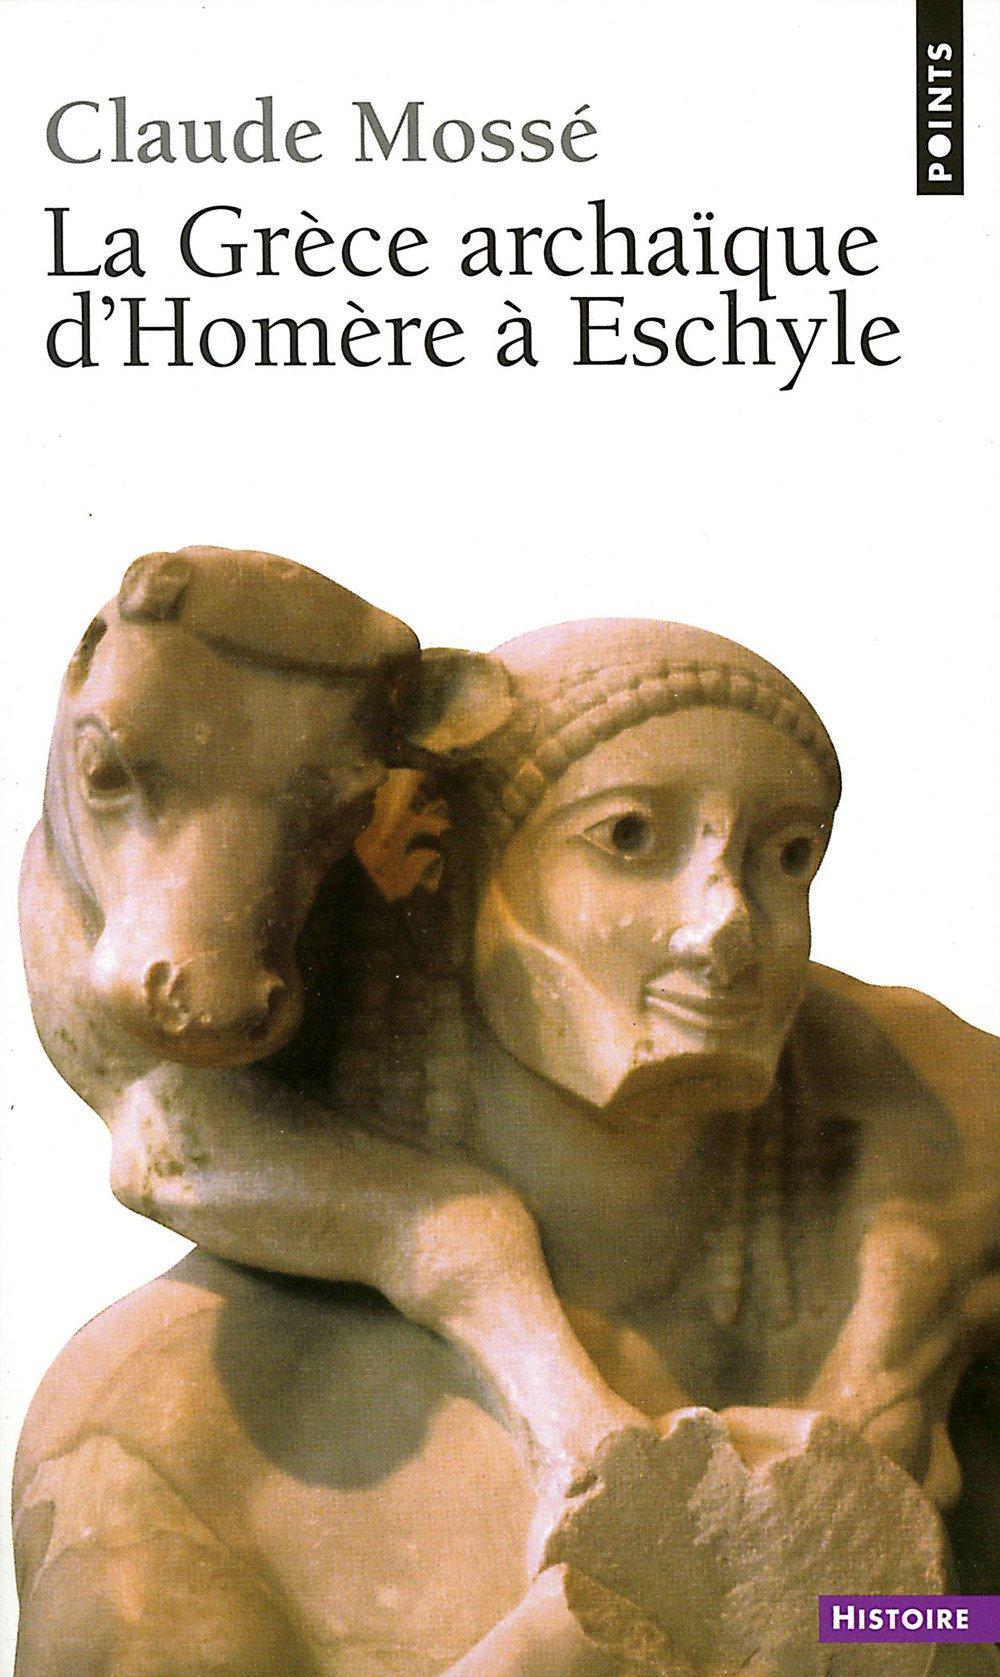 La Grèce archaïque d'Homère à Eschyle - Claude Mossé